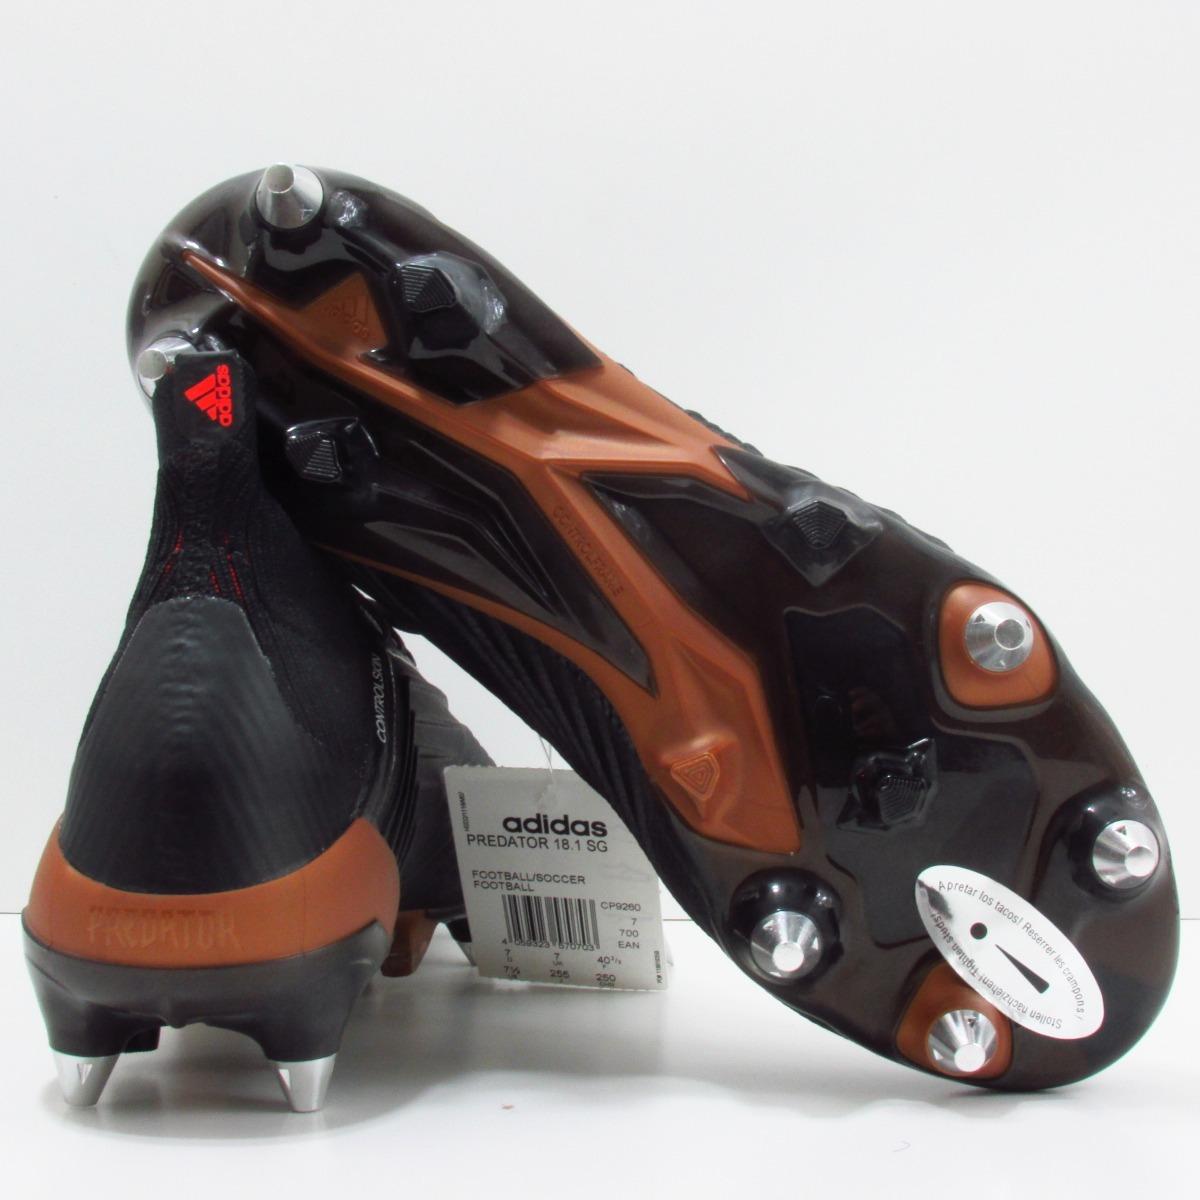 b87a2768ad chuteira adidas predator 18.1 sg elite trava mista. Carregando zoom.